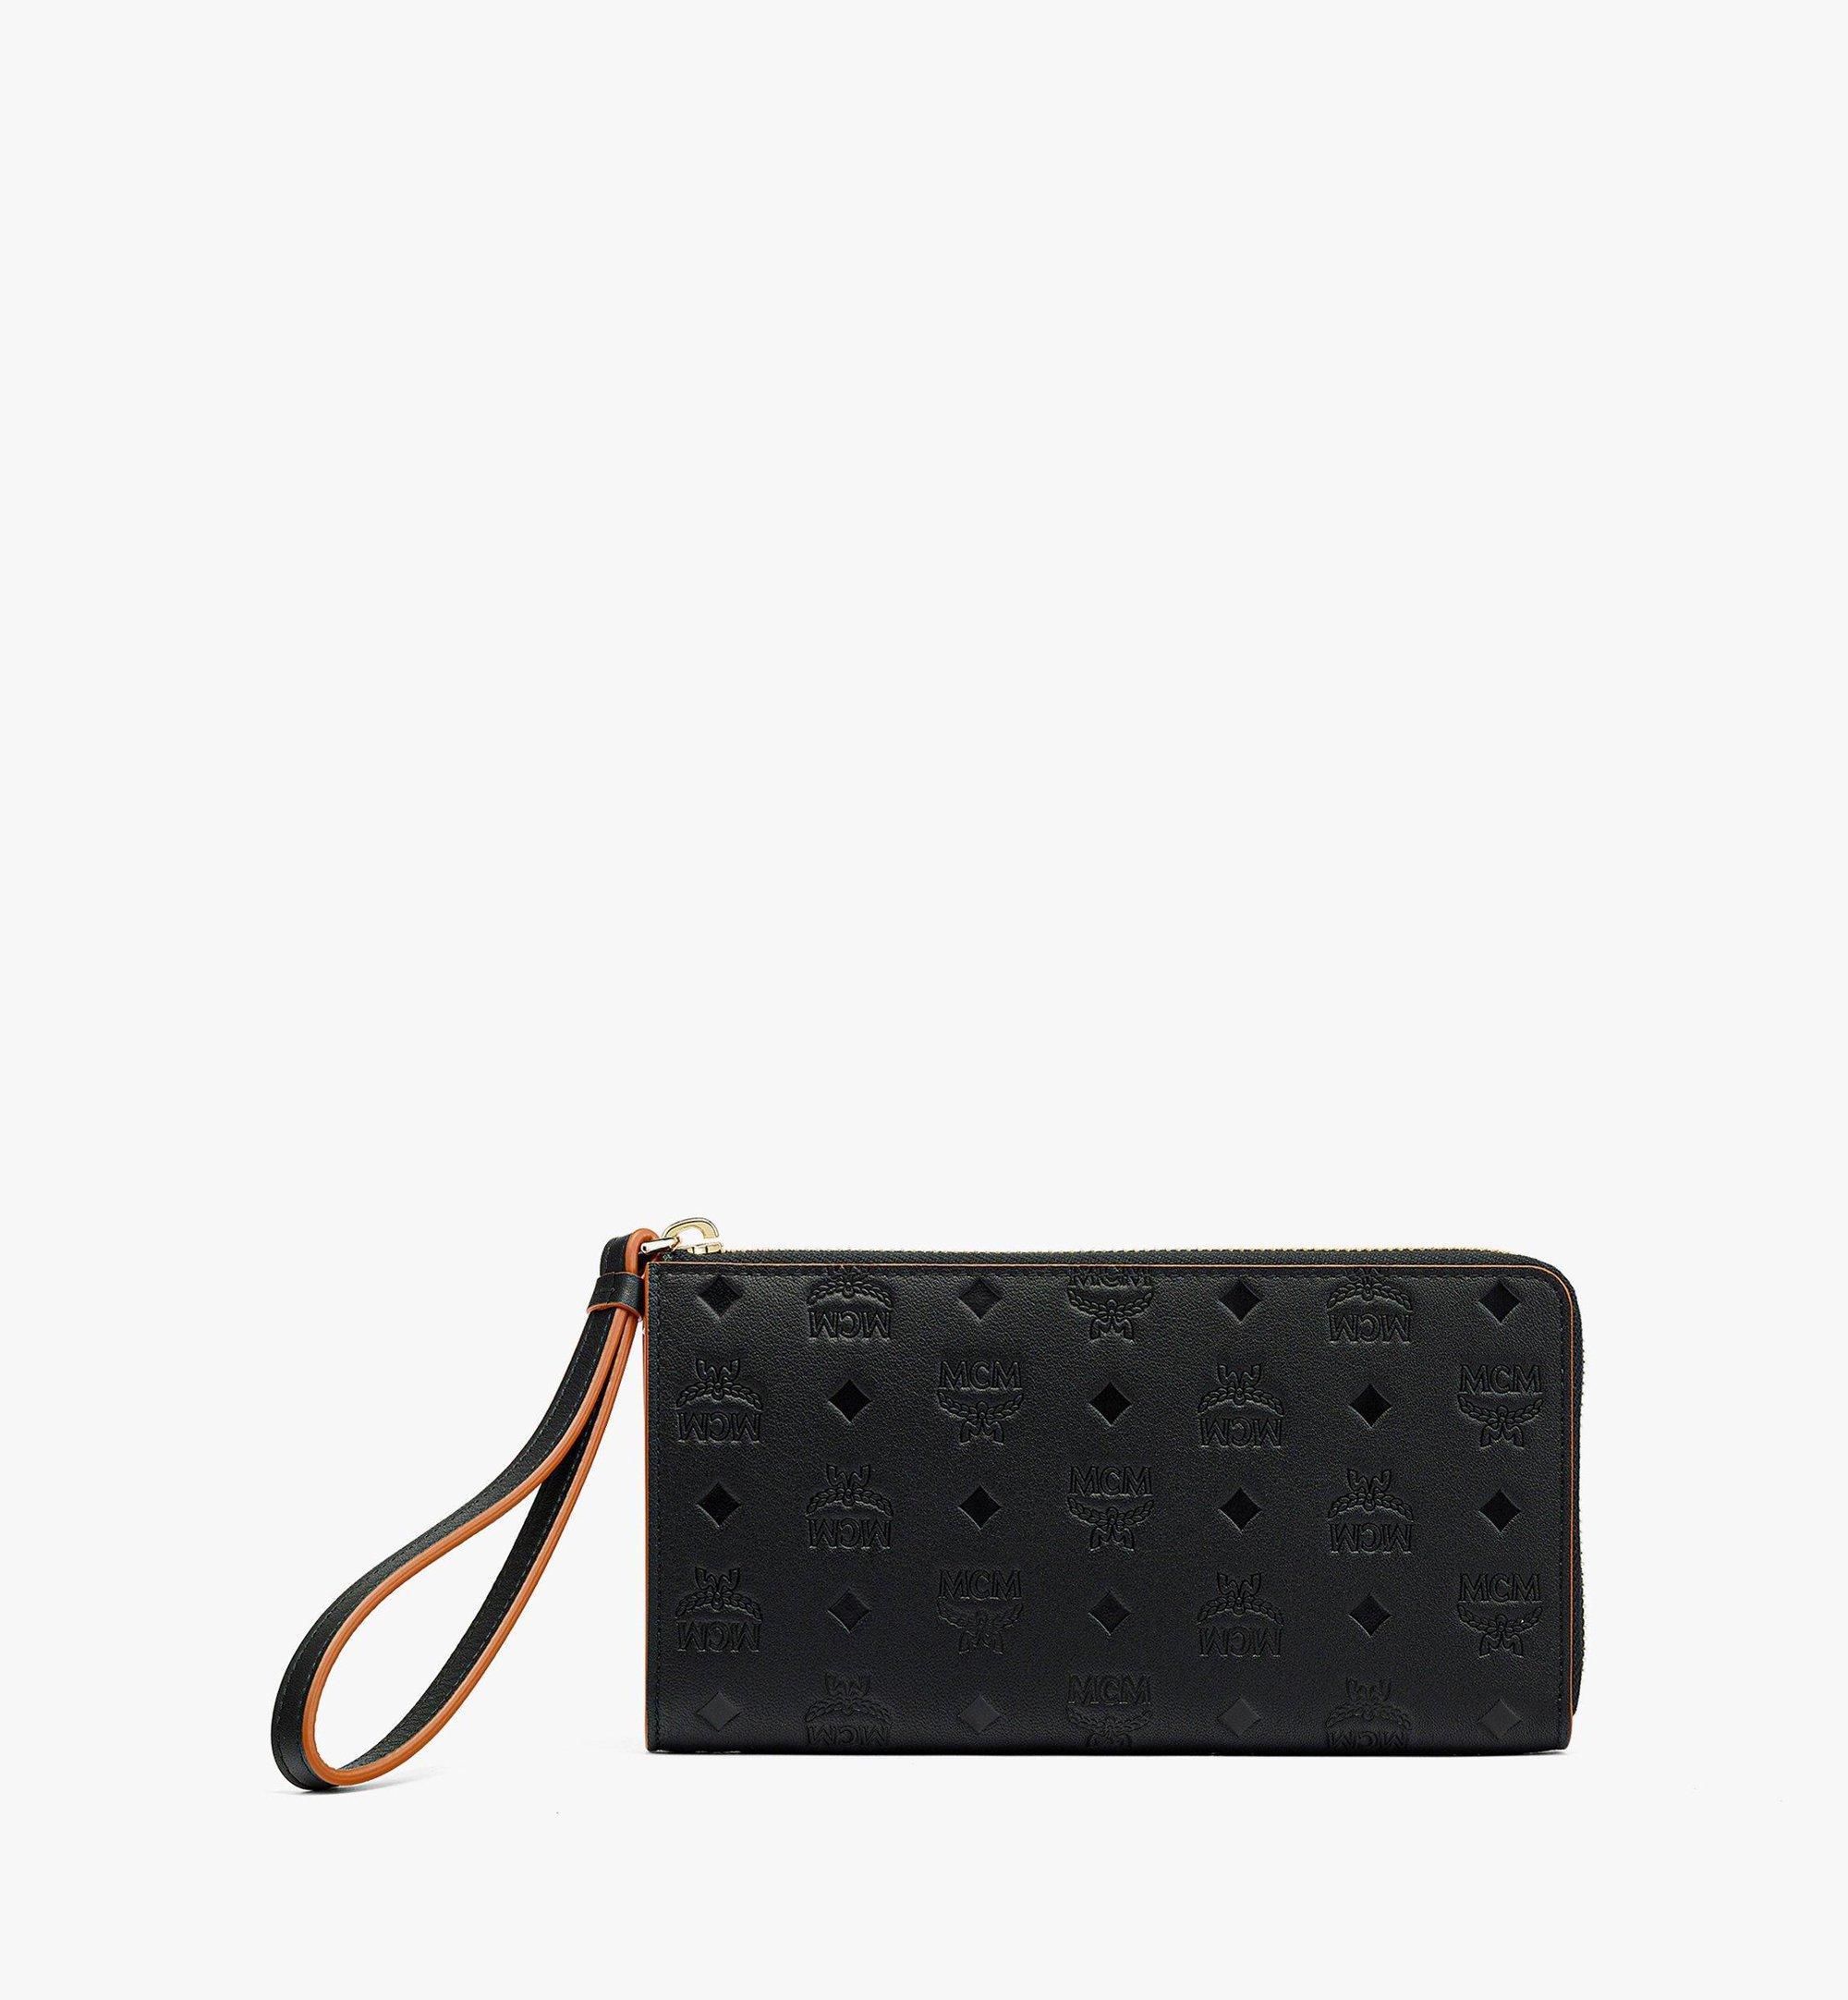 MCM Klara Zip Around Wallet in Monogram Leather Black MYLBSKM02BK001 Alternate View 1